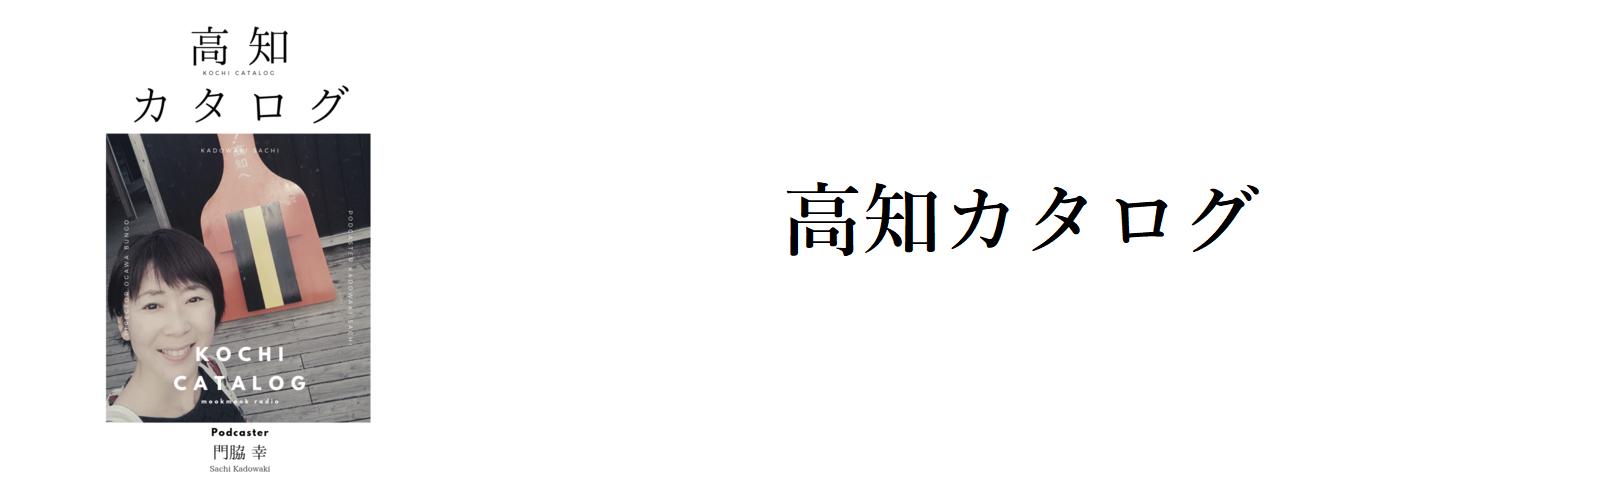 高知カタログ